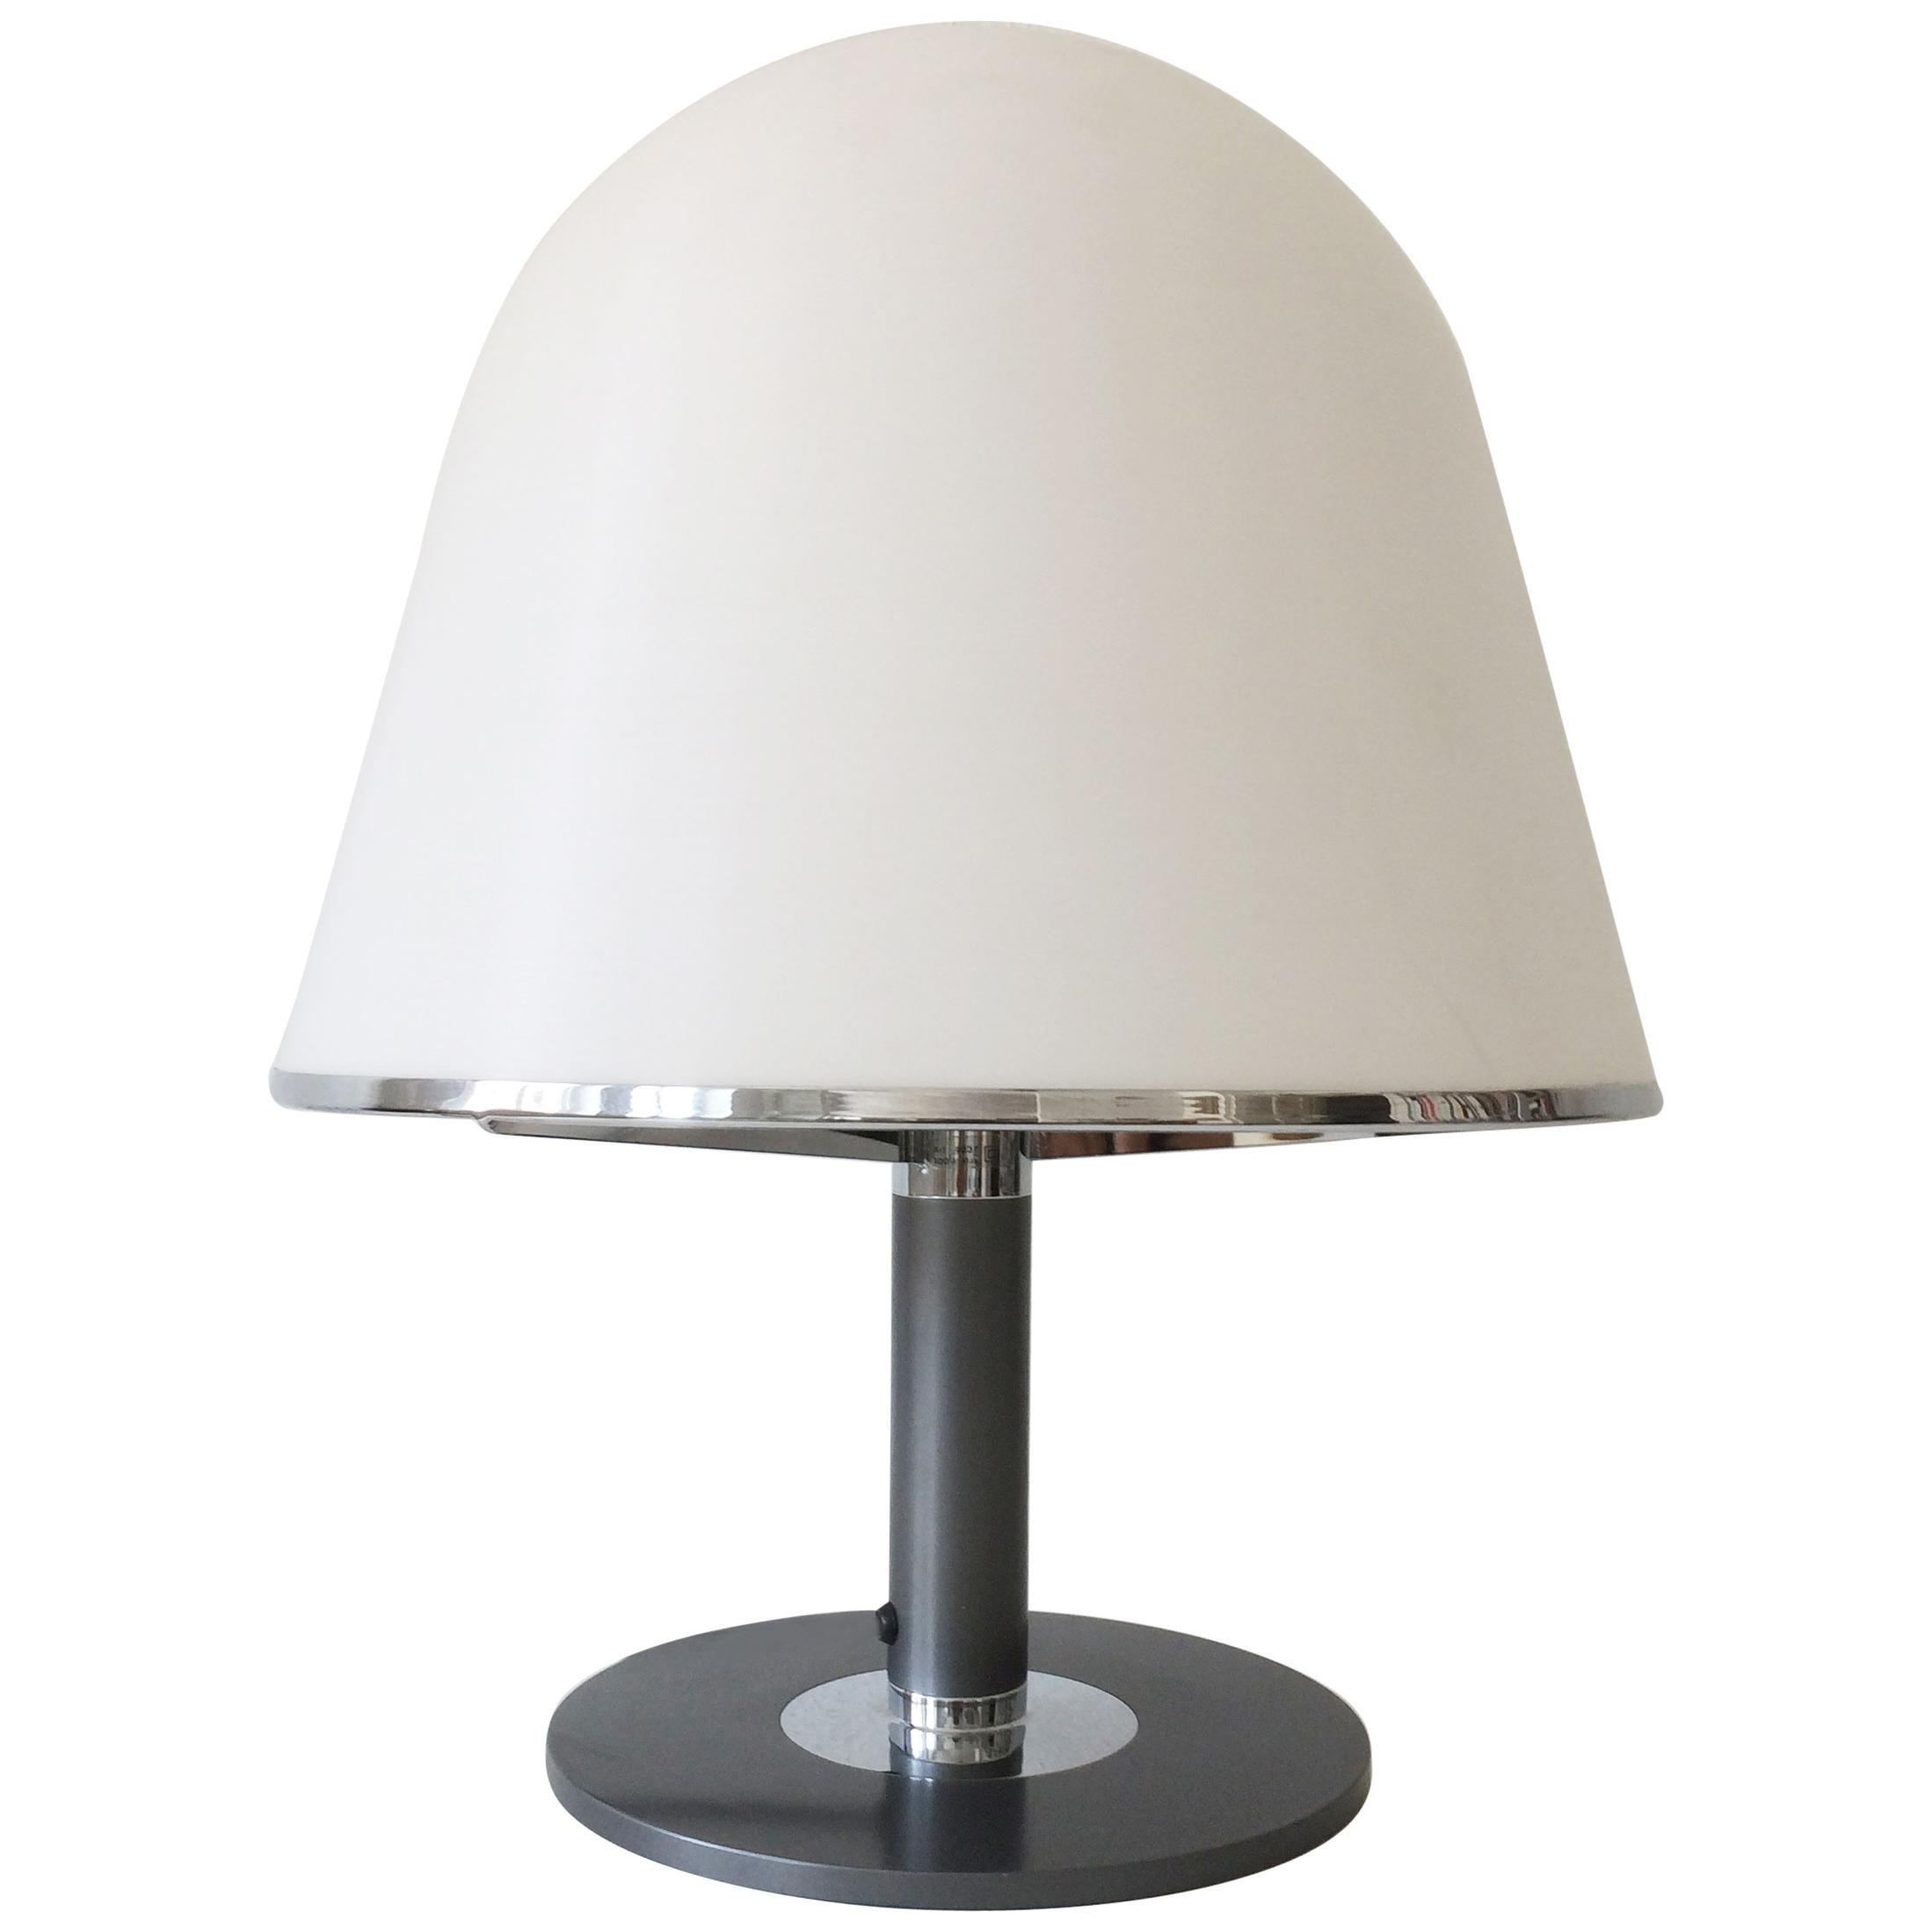 Rare Midcentury Kuala Table Lamp by Franco Bresciani for Guzzini, 1970s, Italy